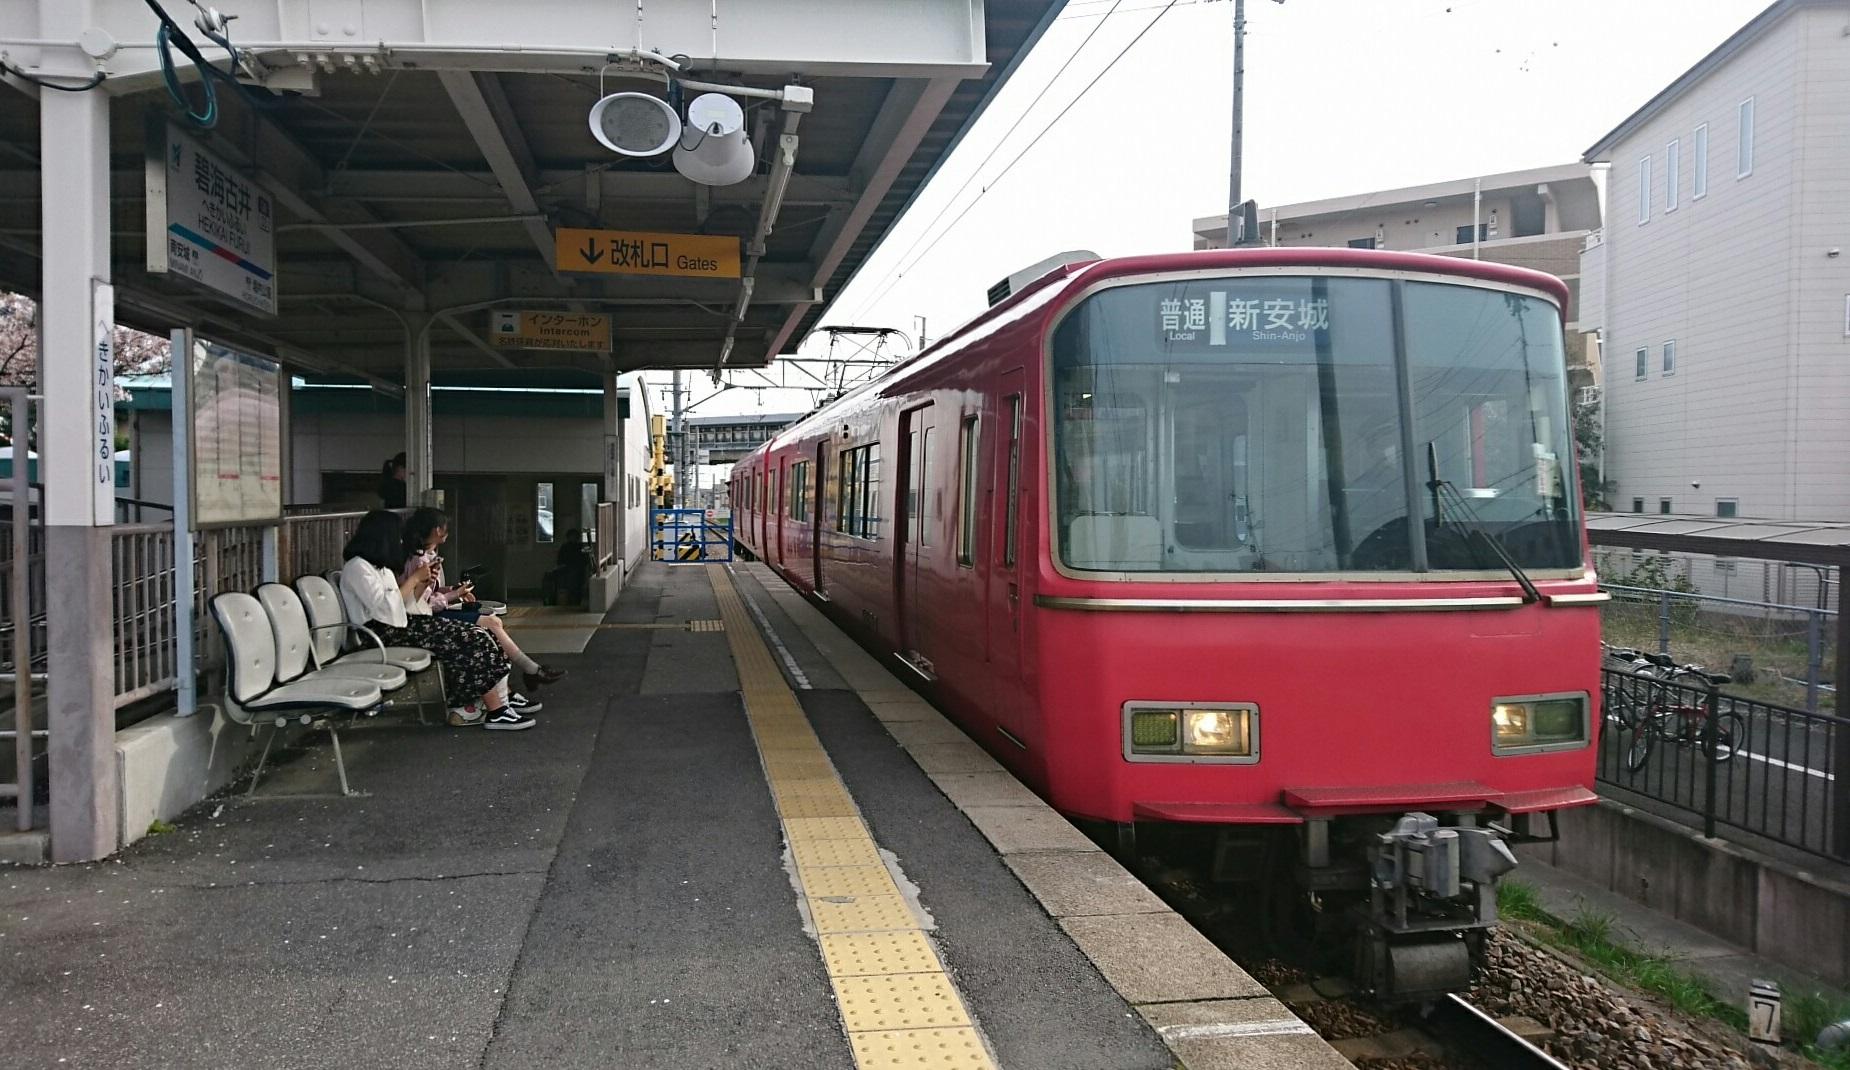 2018.4.1 東岡崎 (1) 古井 - しんあんじょういきふつう 1850-1070